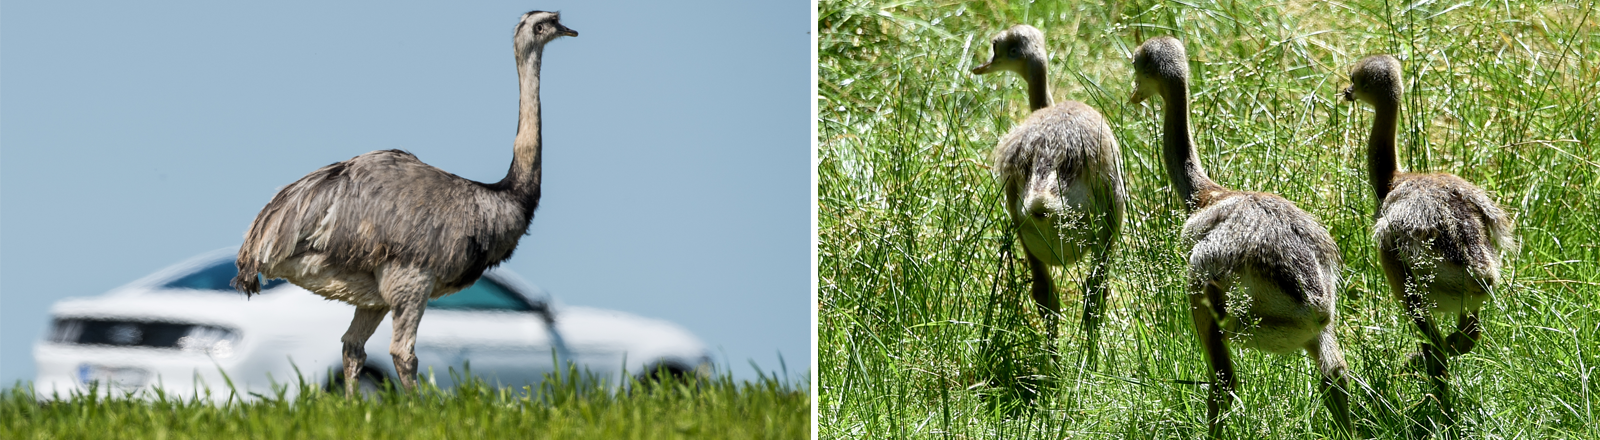 Ein wild lebender Nandu auf einem Feld in Mecklenburg-Vorpommern, dahinter ein Auto